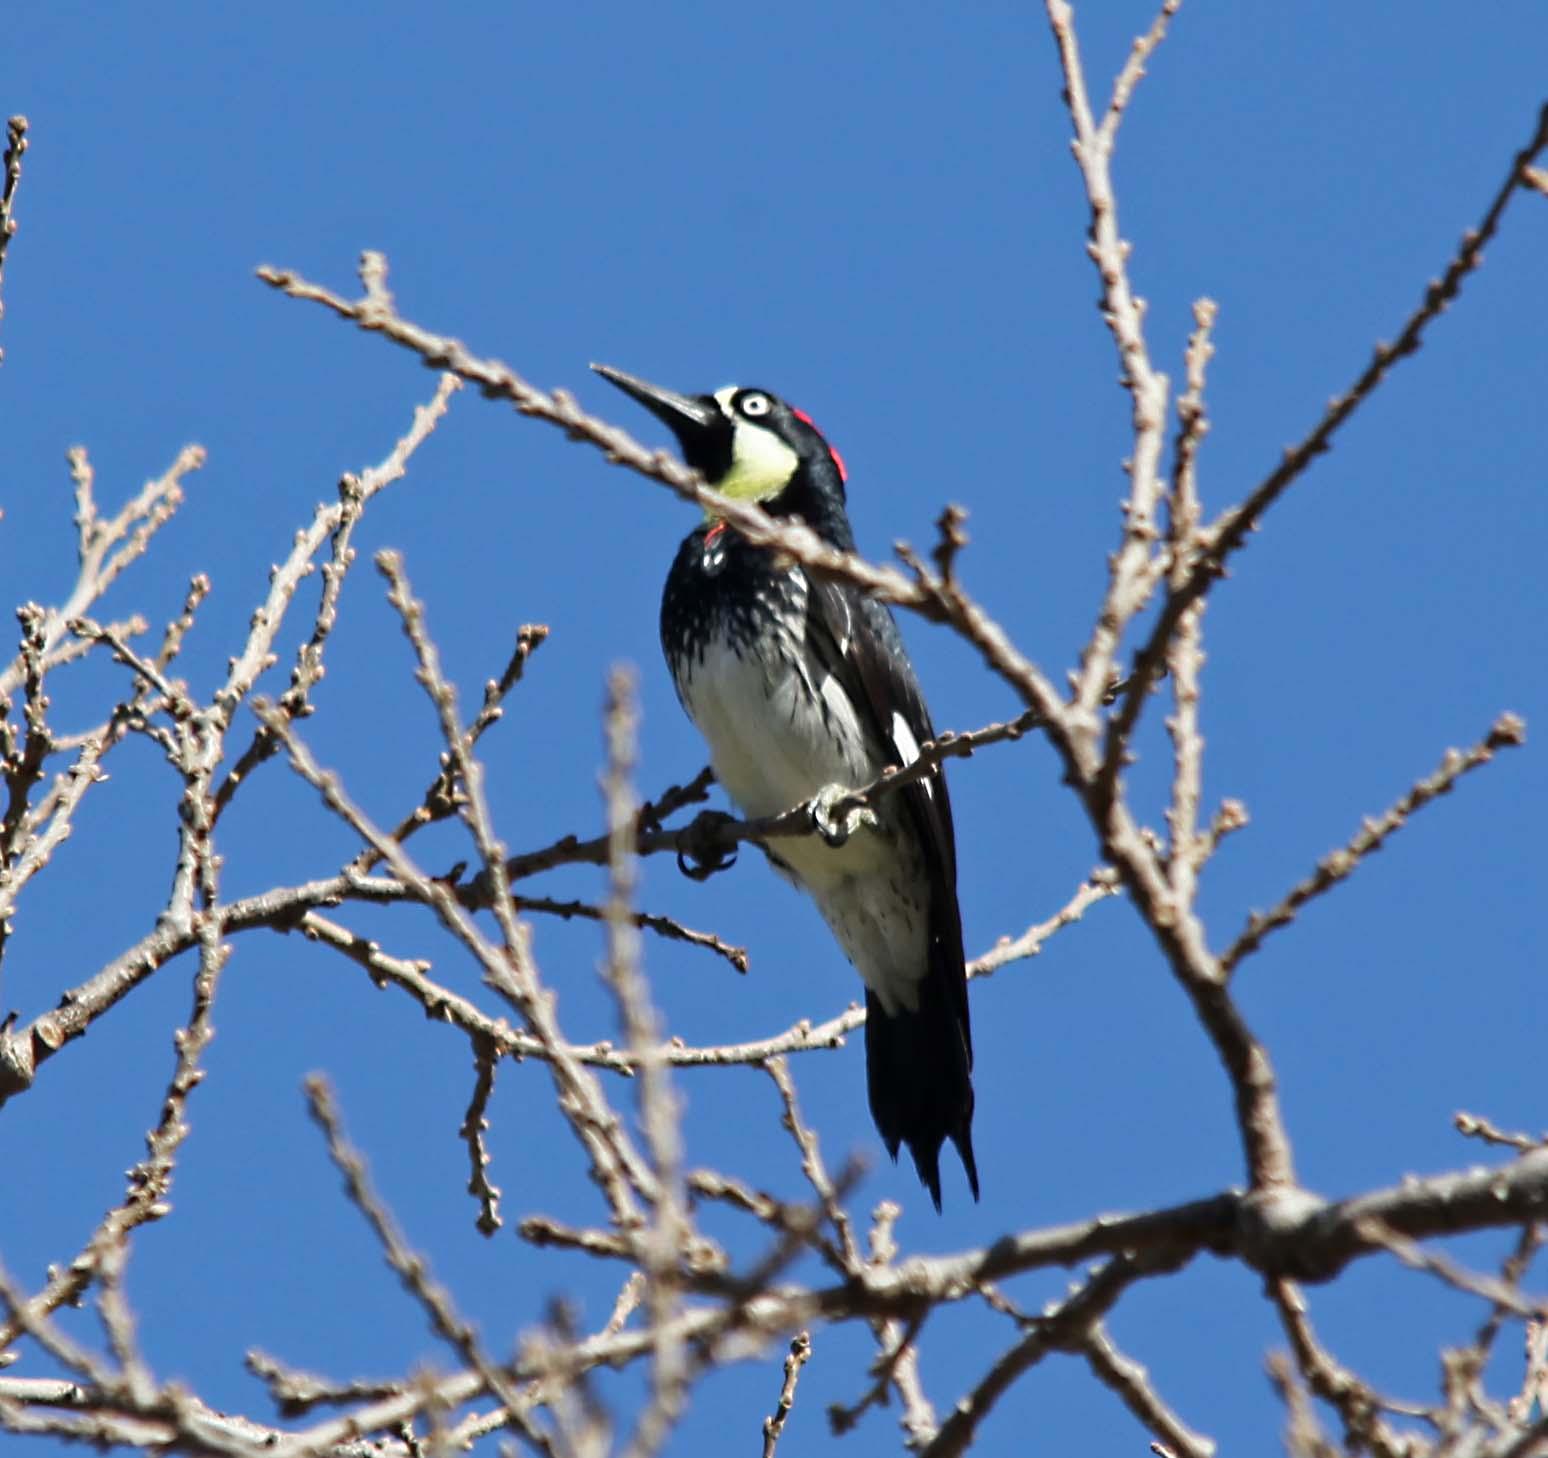 Birds with Dagger Bills  WhatBird  identify birds  bird